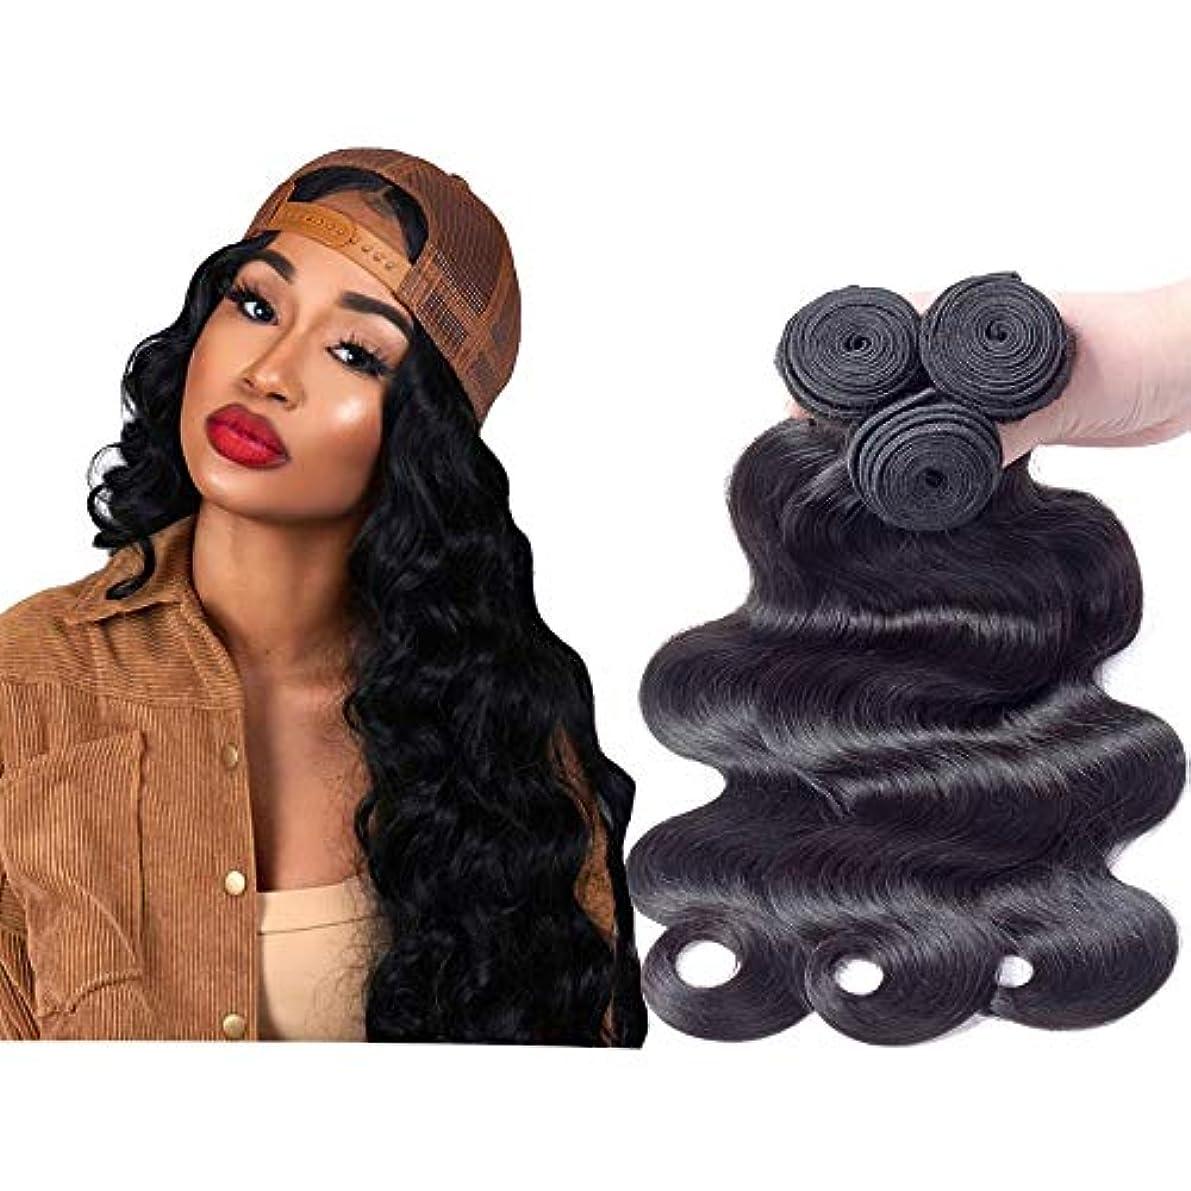 統治可能話をする絶縁するYESONEEP ブラジルの髪の束人体波ヘアエクステンション#1Bナチュラルブラックカラー(10